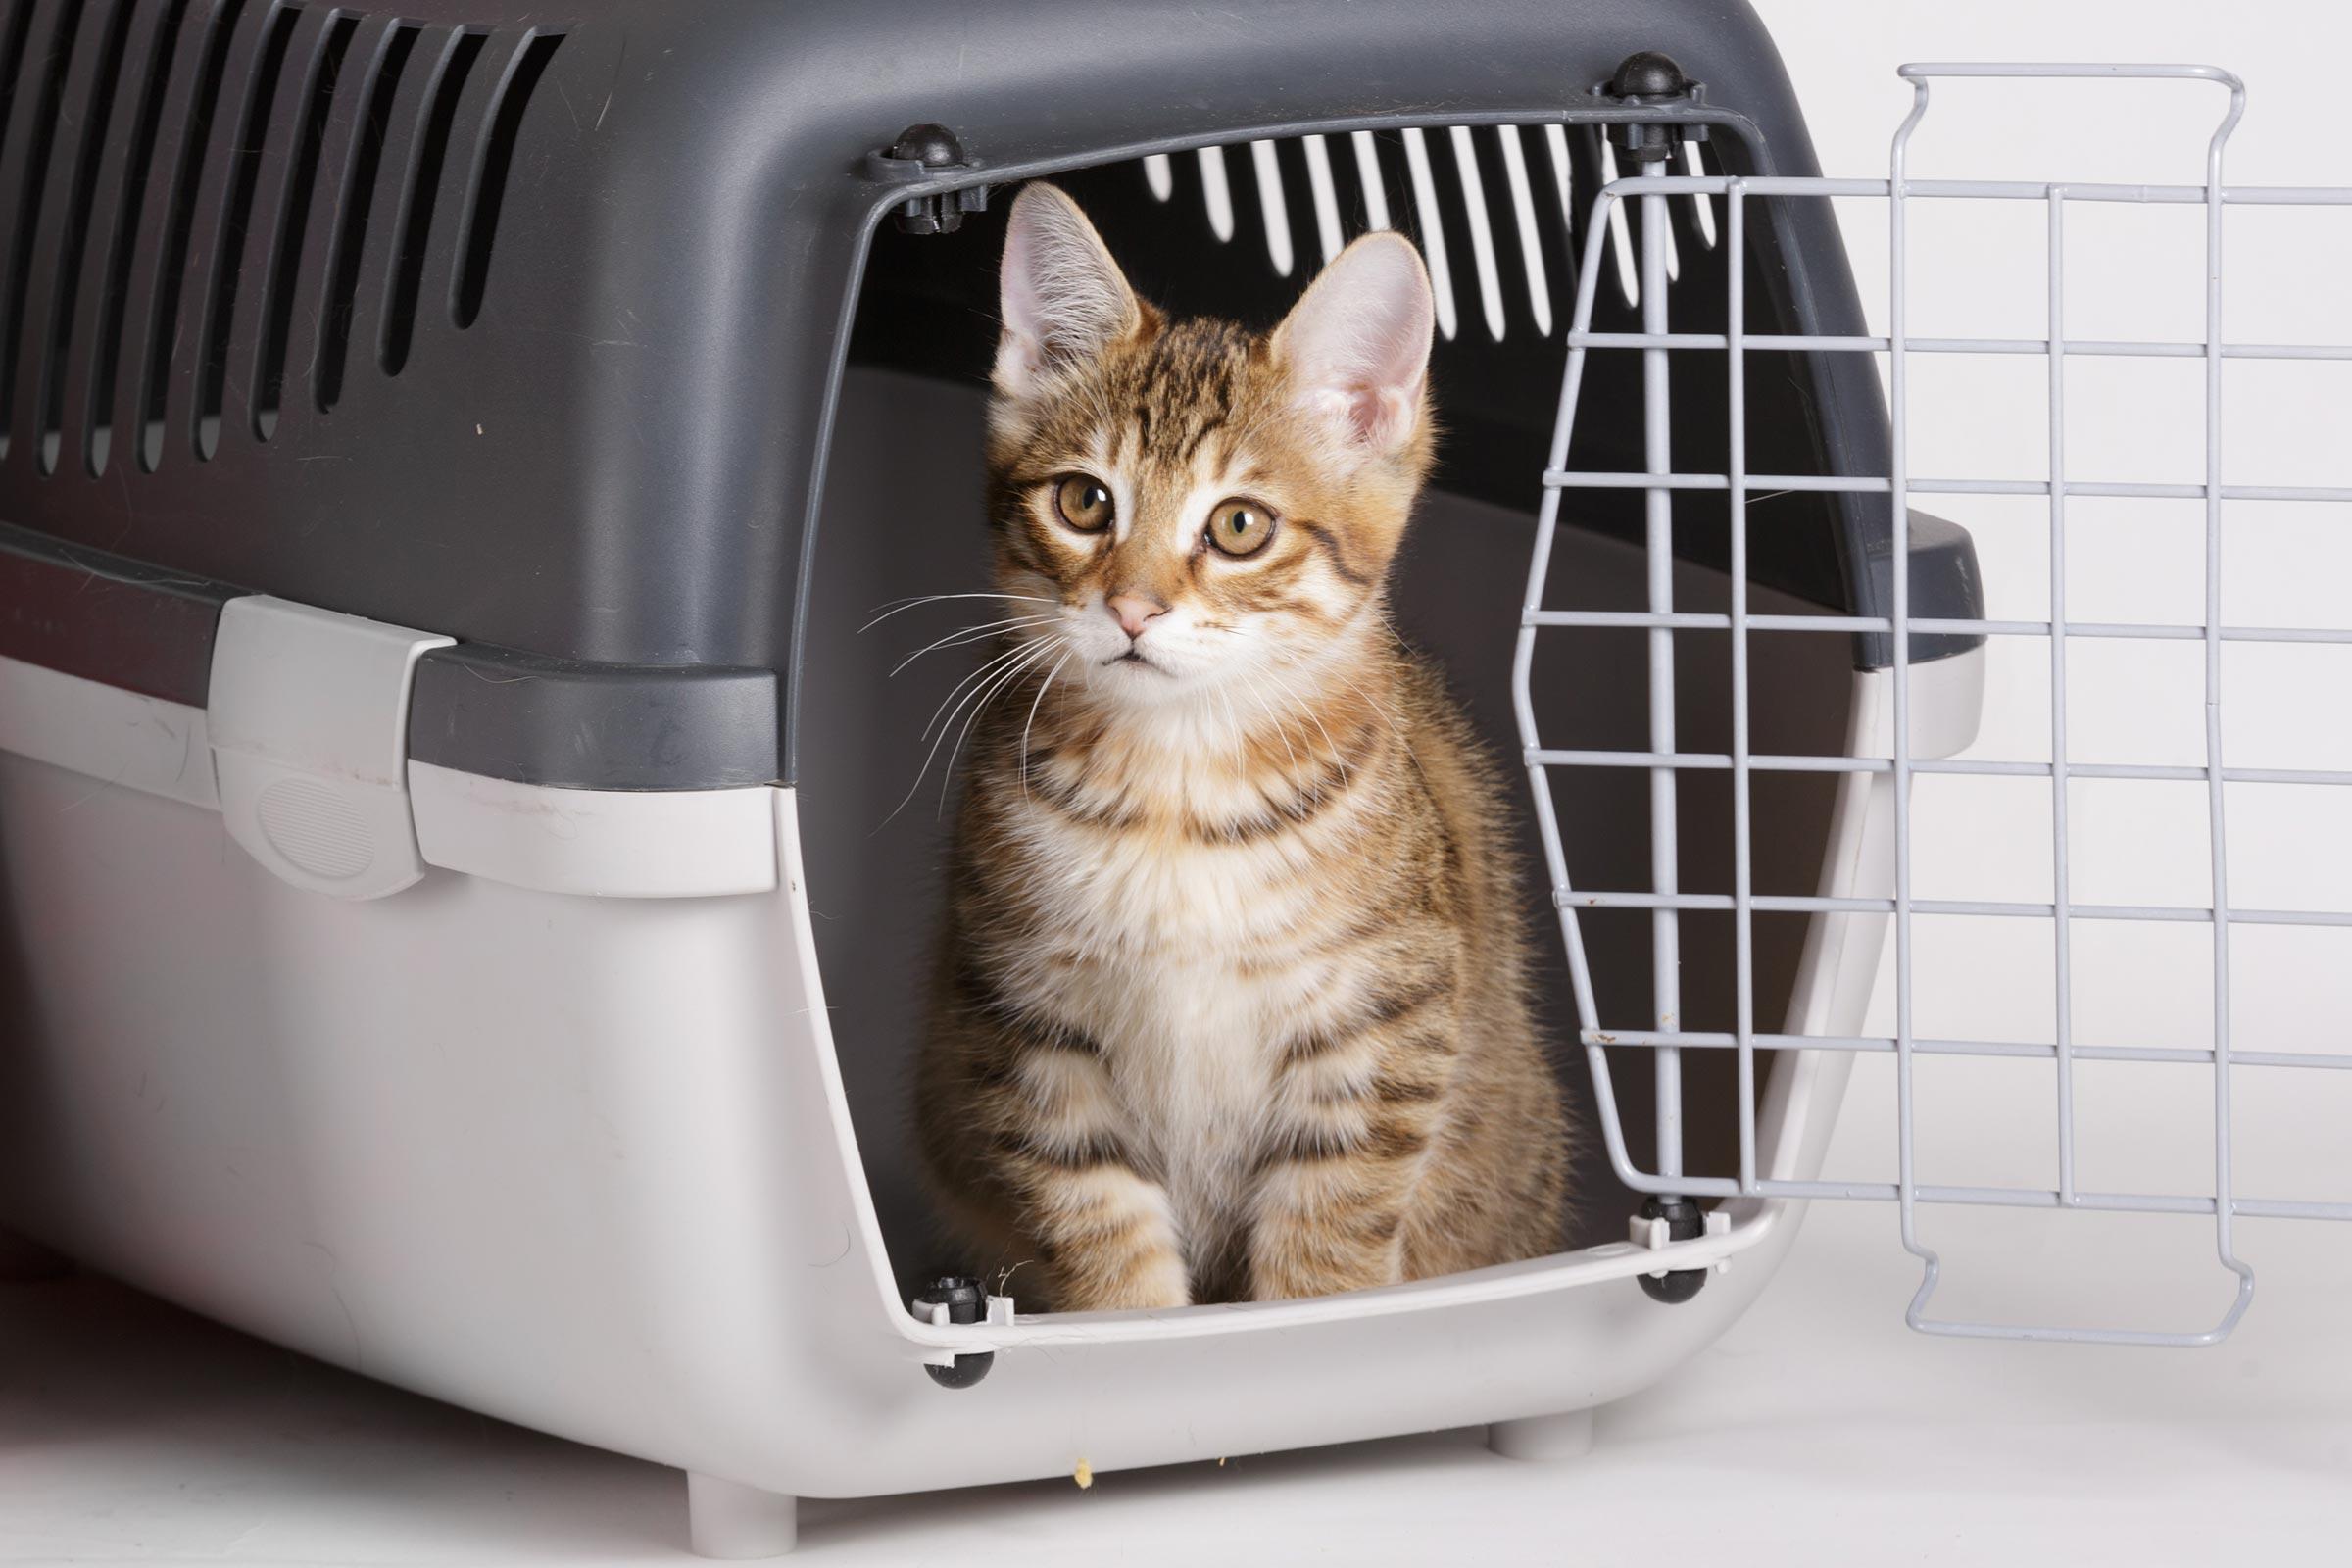 pet-odor-cat